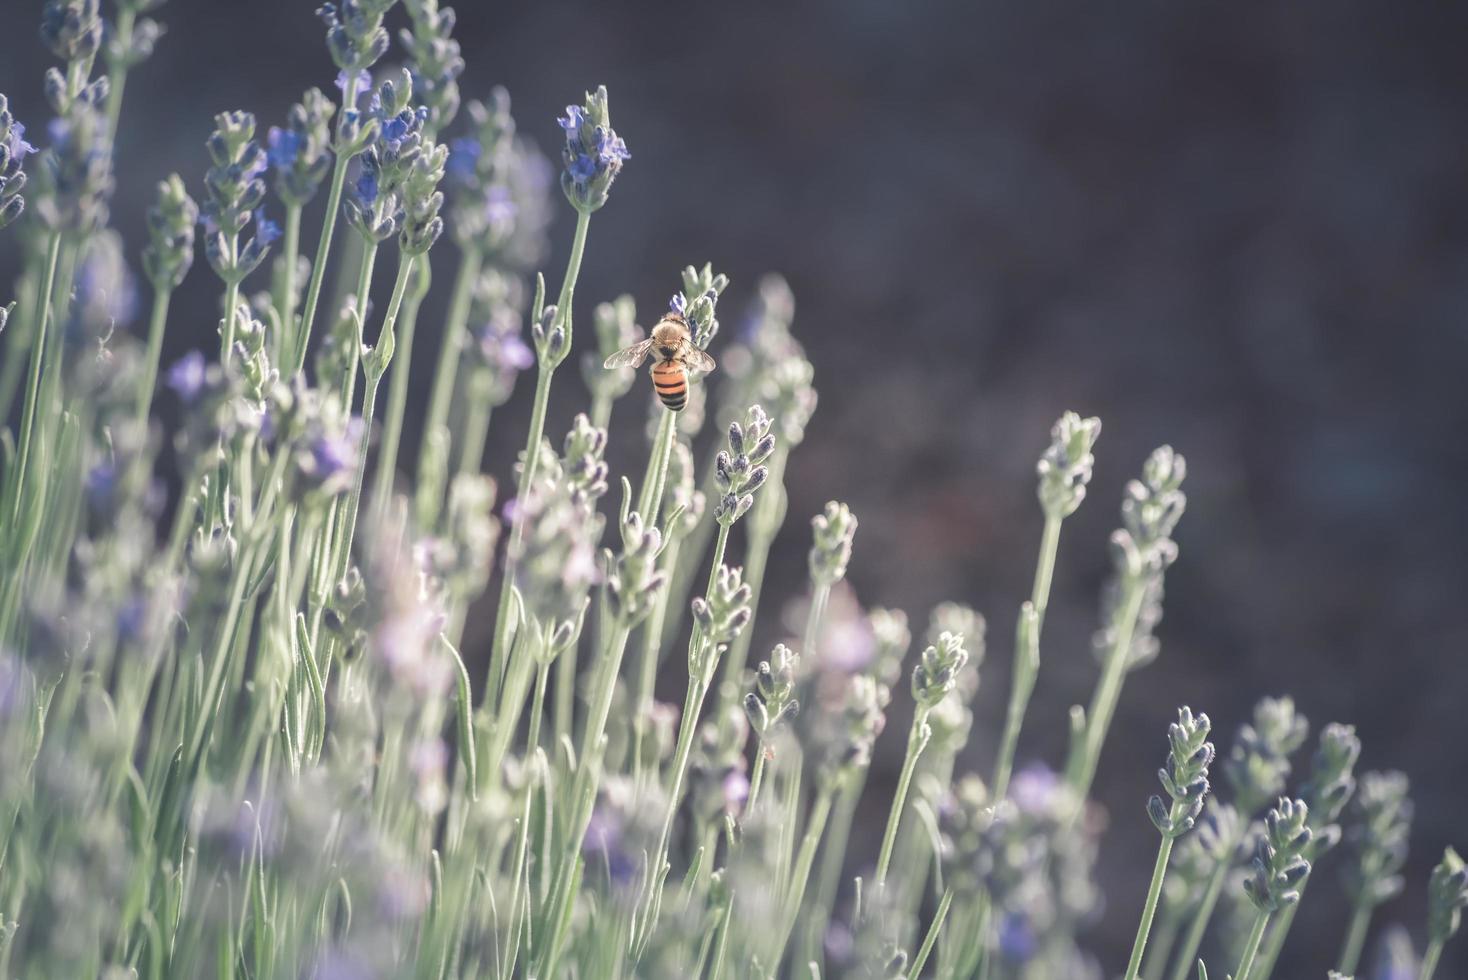 Honigbiene auf Lavendelblüten foto